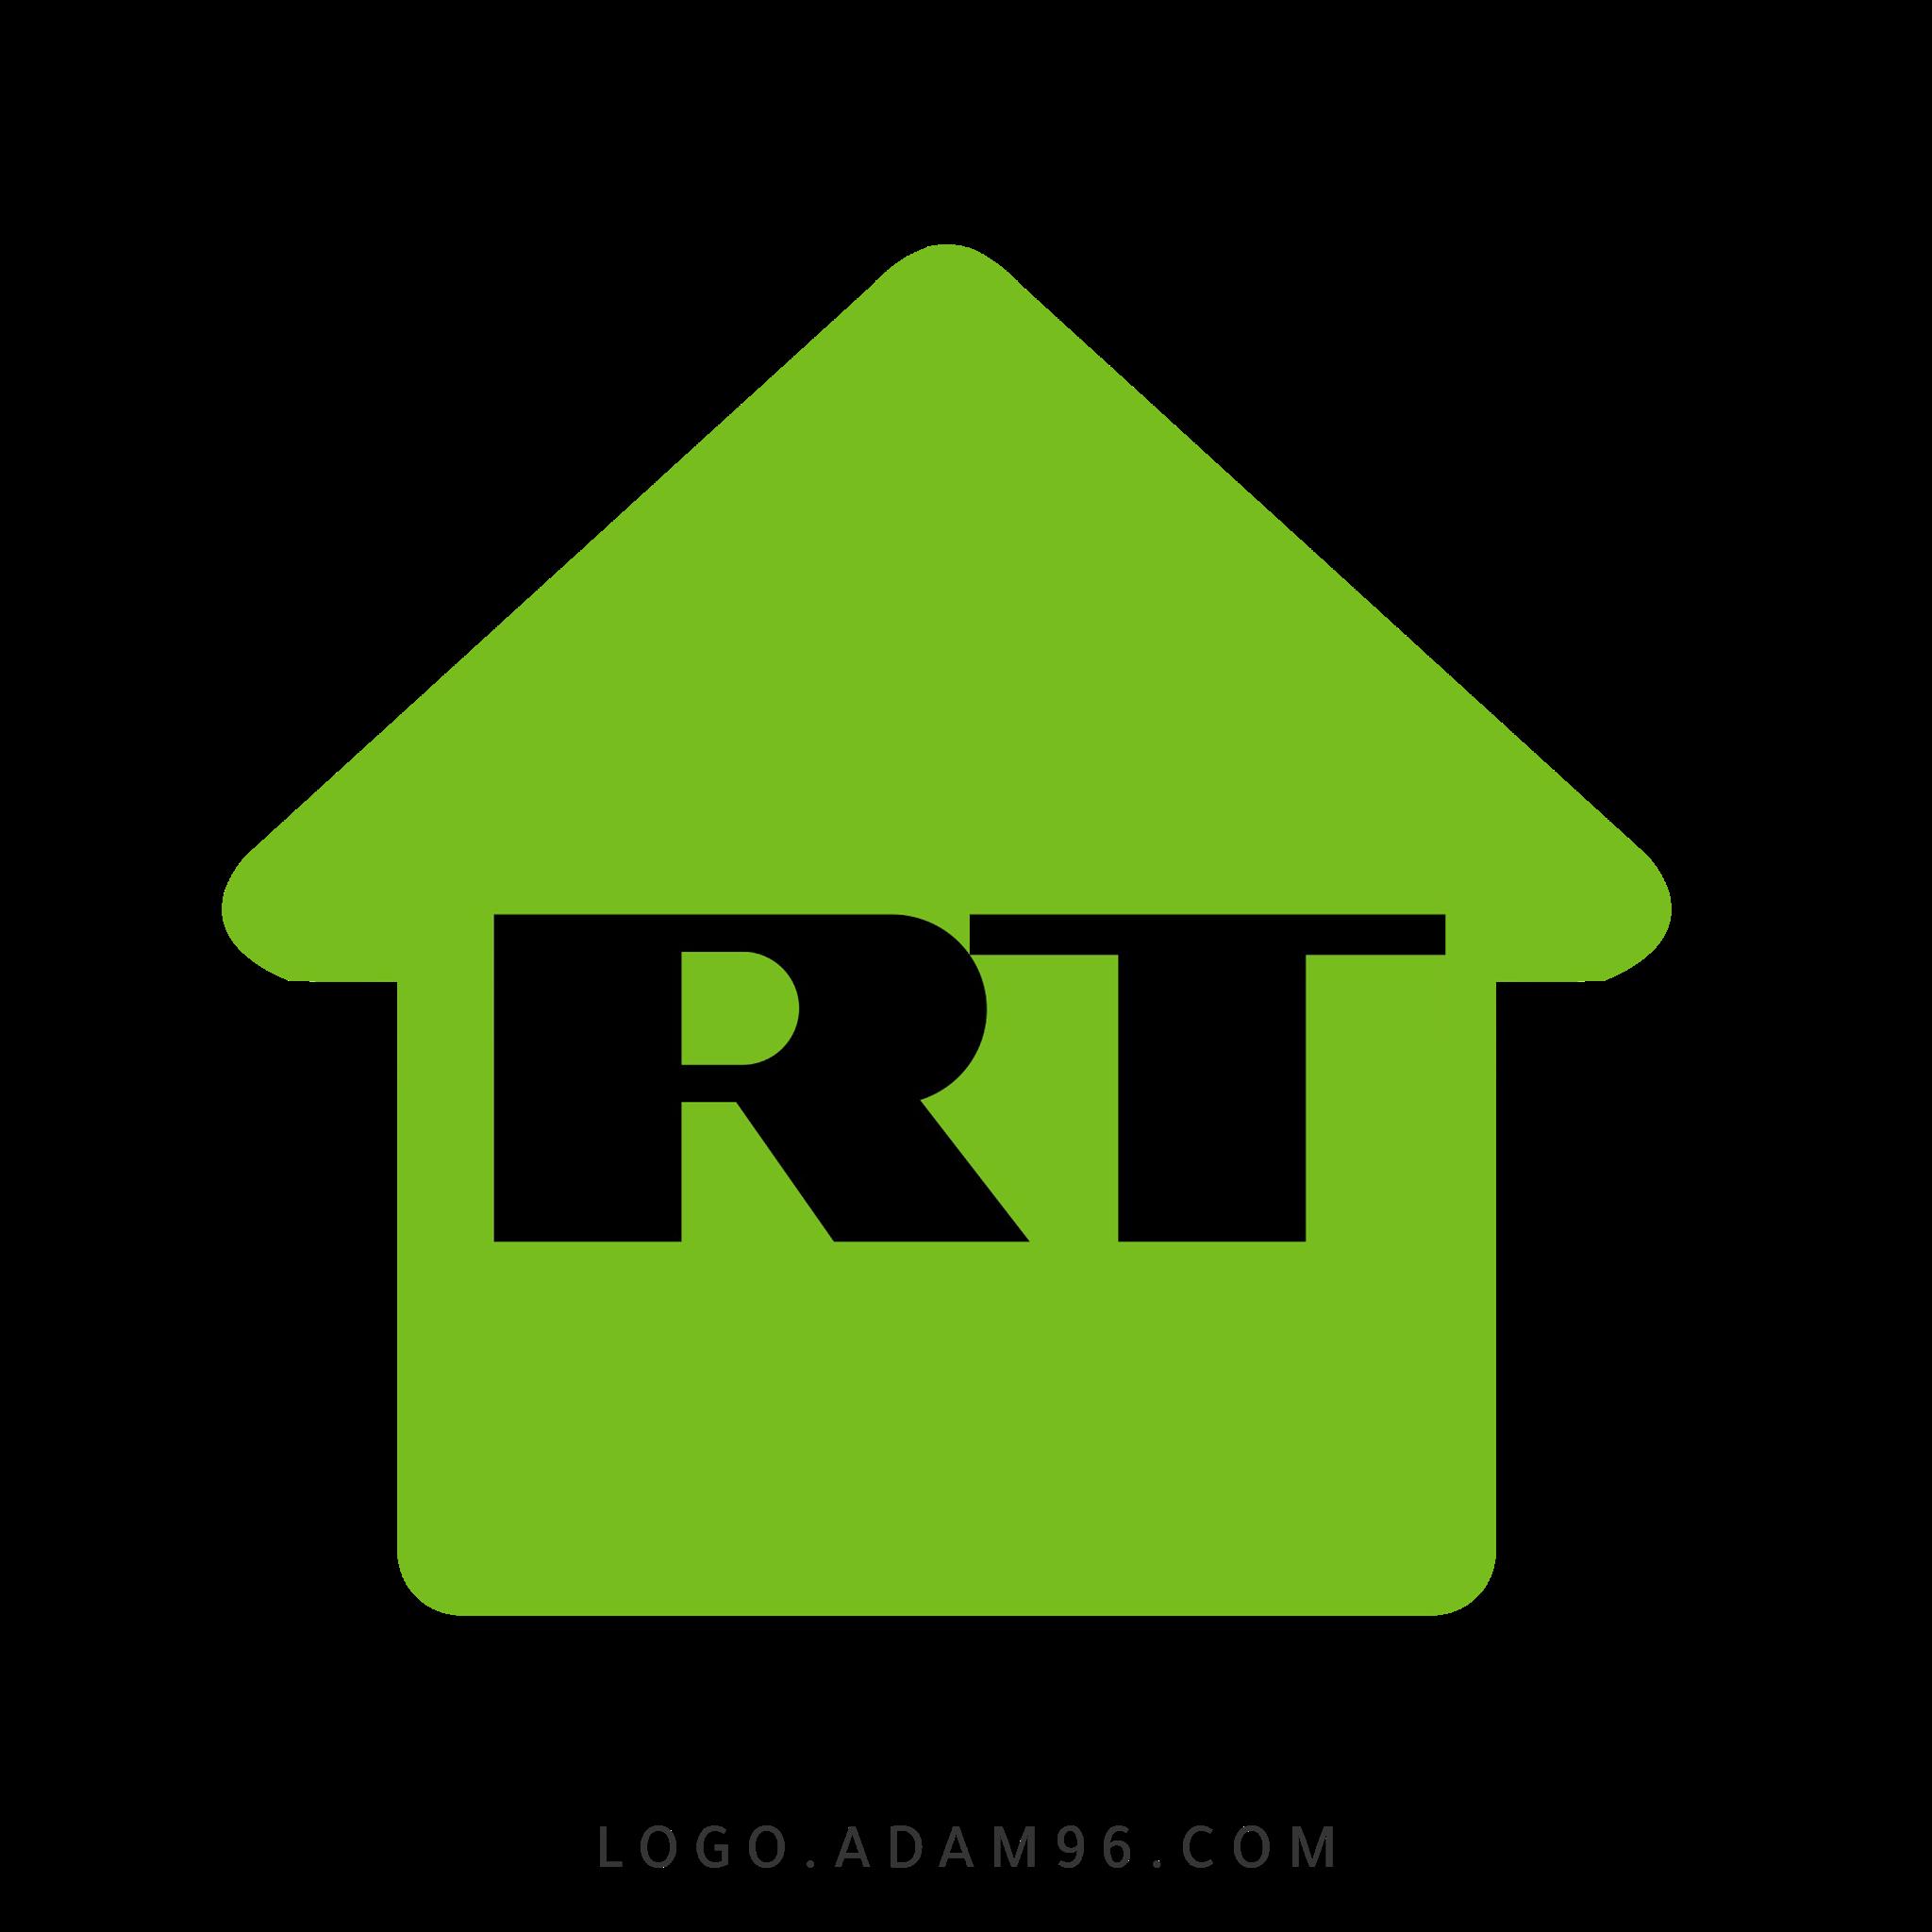 تحميل شعار قناة تي ار الروسية لوجو رسمي بصيغة شفافة LOGO RT PNG